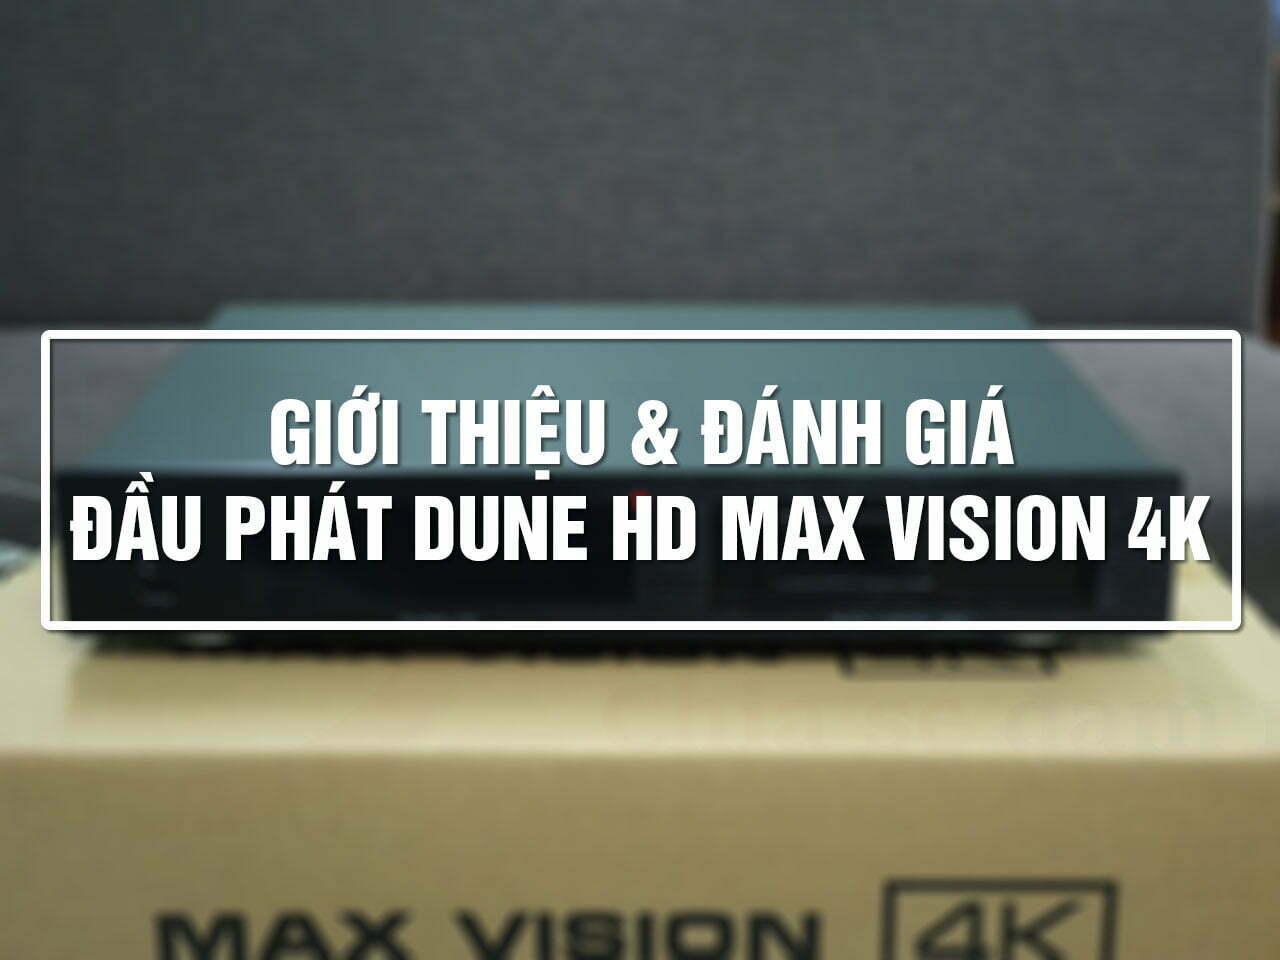 Giới thiệu và đánh giá Dune HD Max Vision 4K: Đầu 4K đáng mong chờ nhất 2021! | HDnew - Chia sẻ đam mê